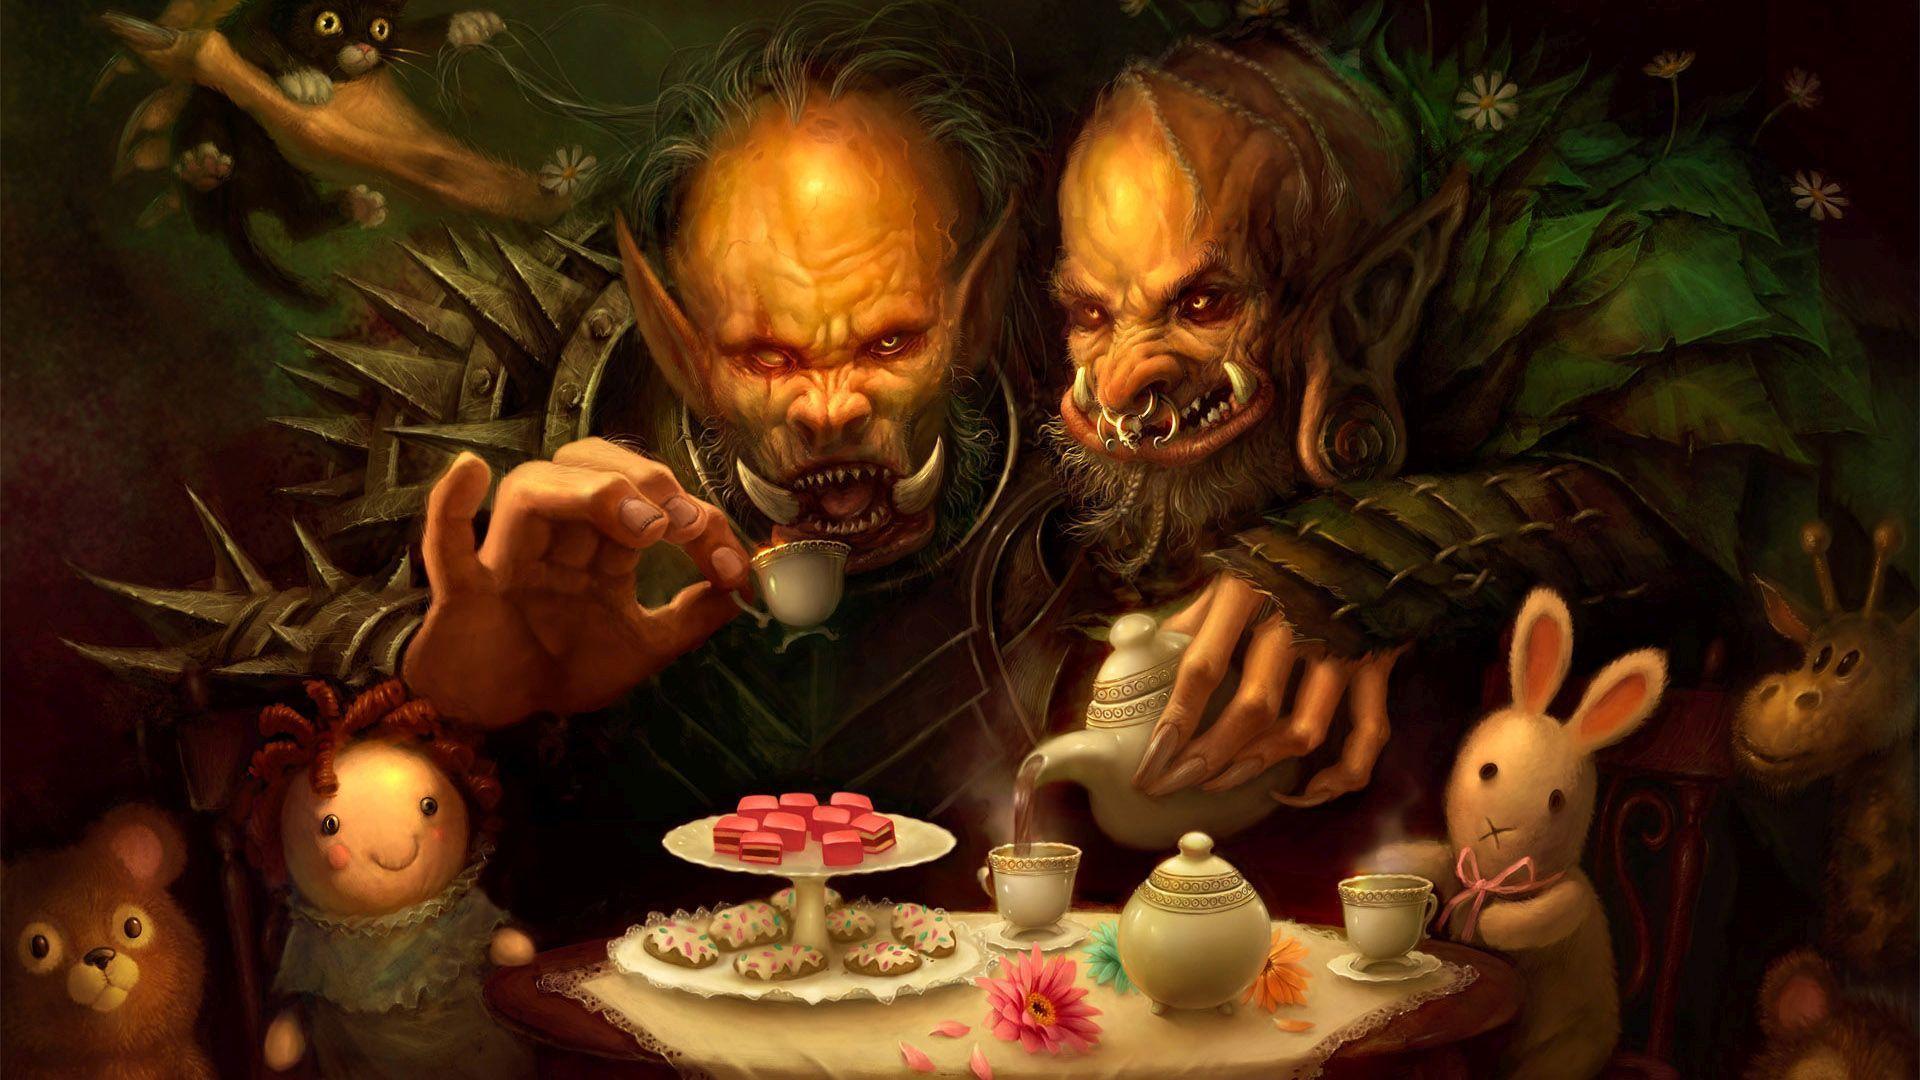 pre_1544374114__art-trolls-drinking-tea.jpg